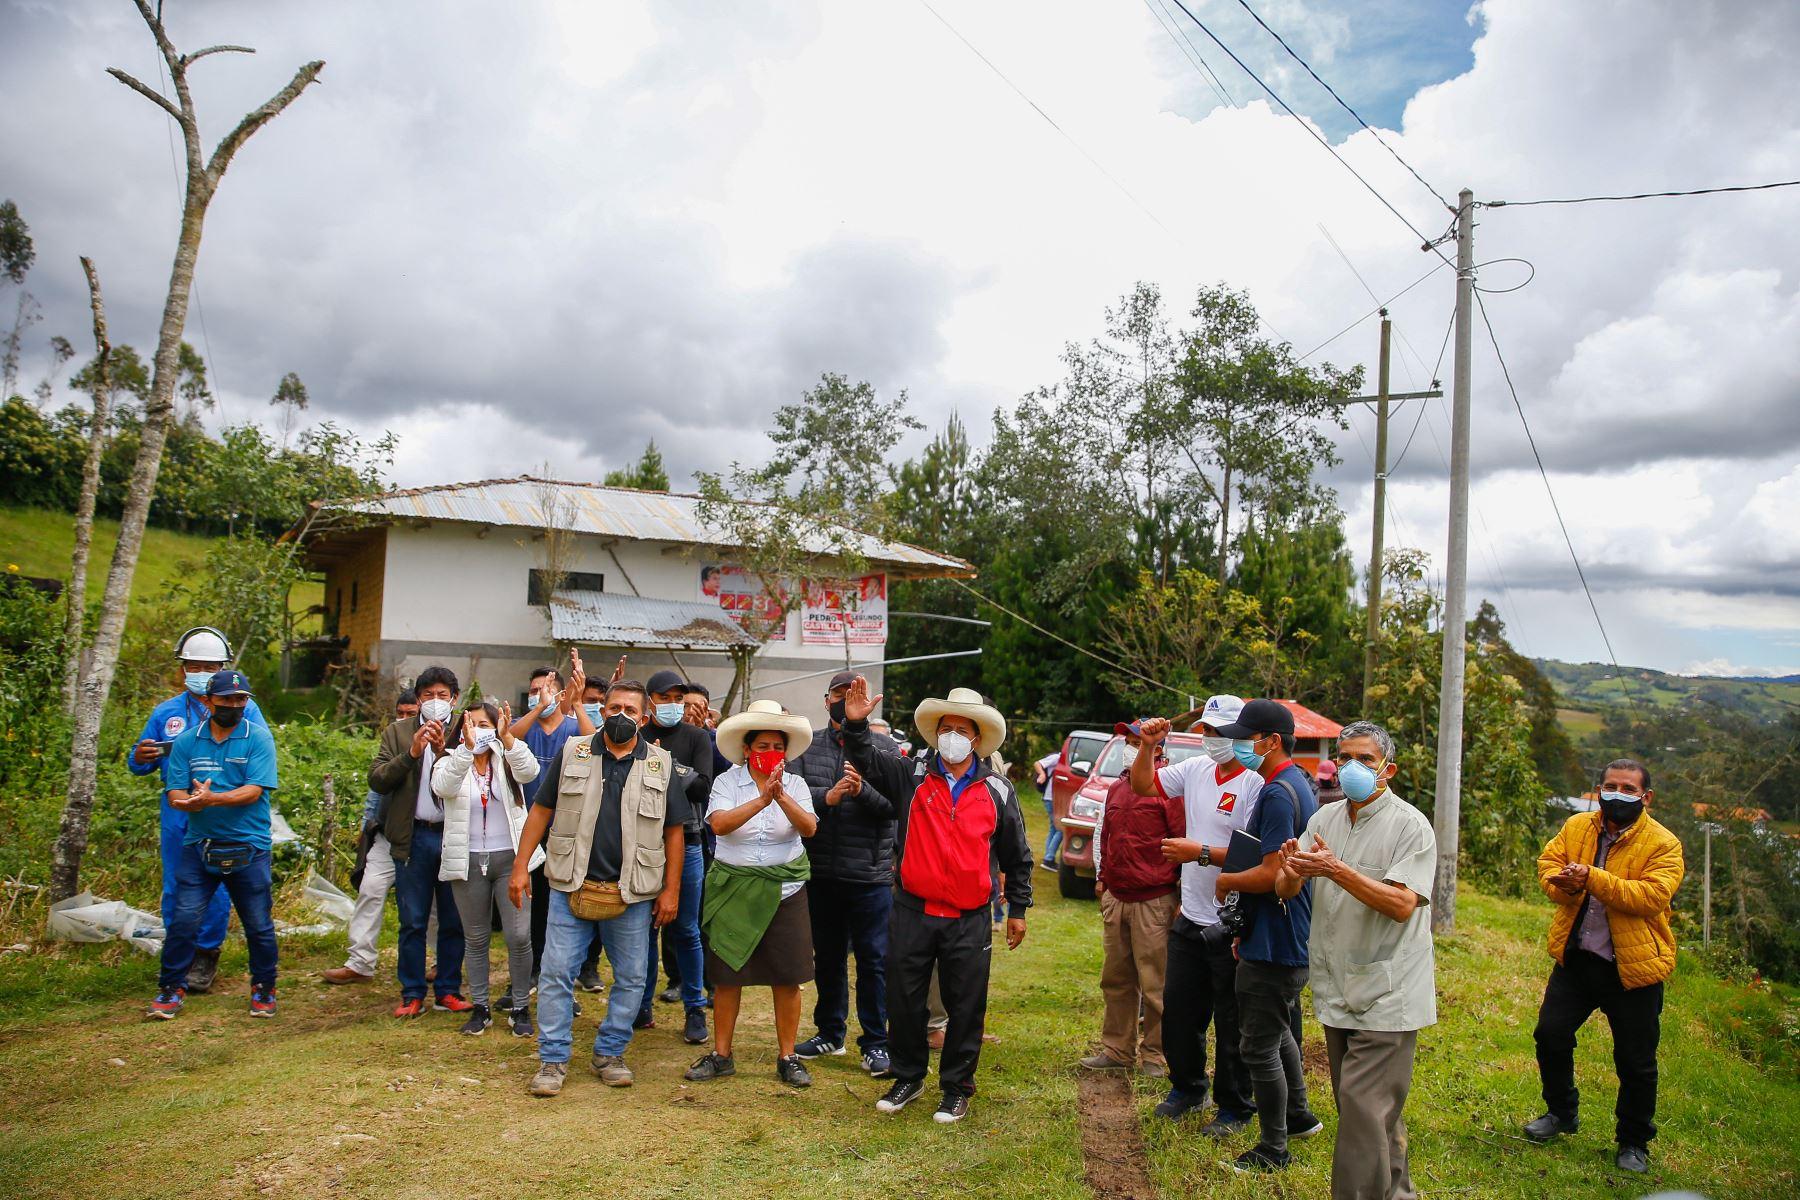 Declaraciones del candidato, Pedro Castillo en la carretera de Anguia a Socota, en Cajamarca. Foto: ANDINA/Andrés Valle